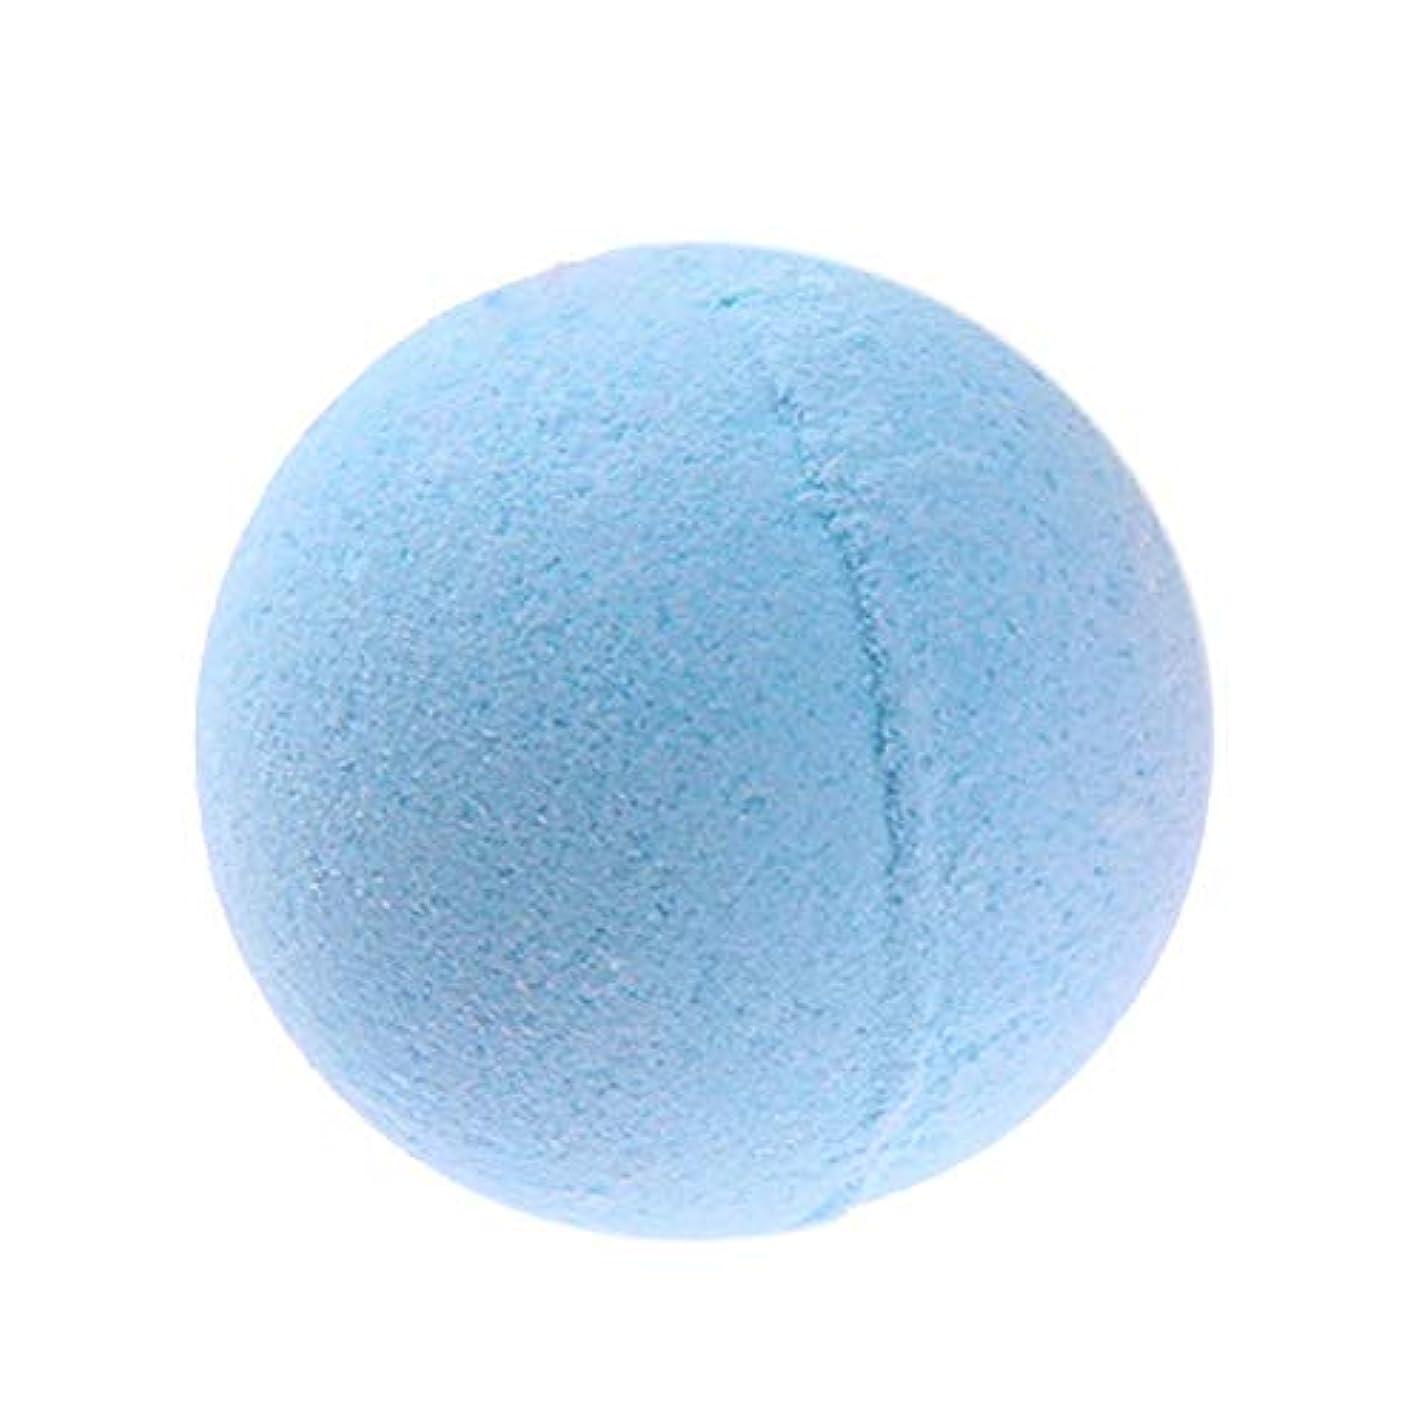 ハイジャックに同意する温度バスボール ボディスキンホワイトニング バスソルト リラックス ストレスリリーフ バブルシャワー 爆弾ボール 1pc Lushandy